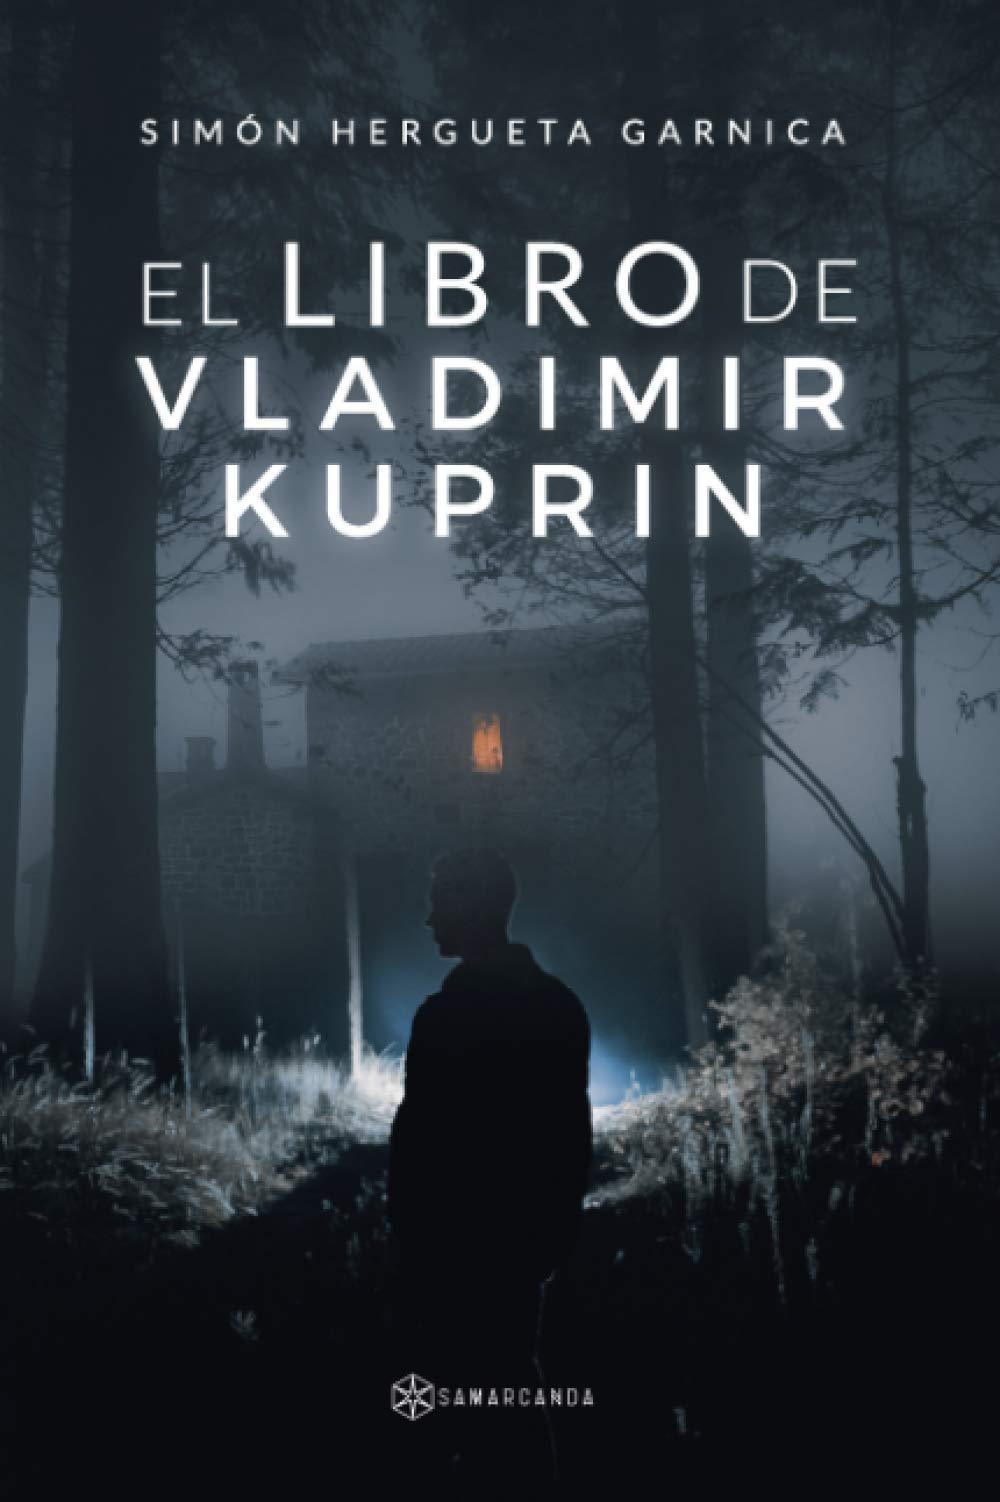 El libro de Vladimir Kuprin